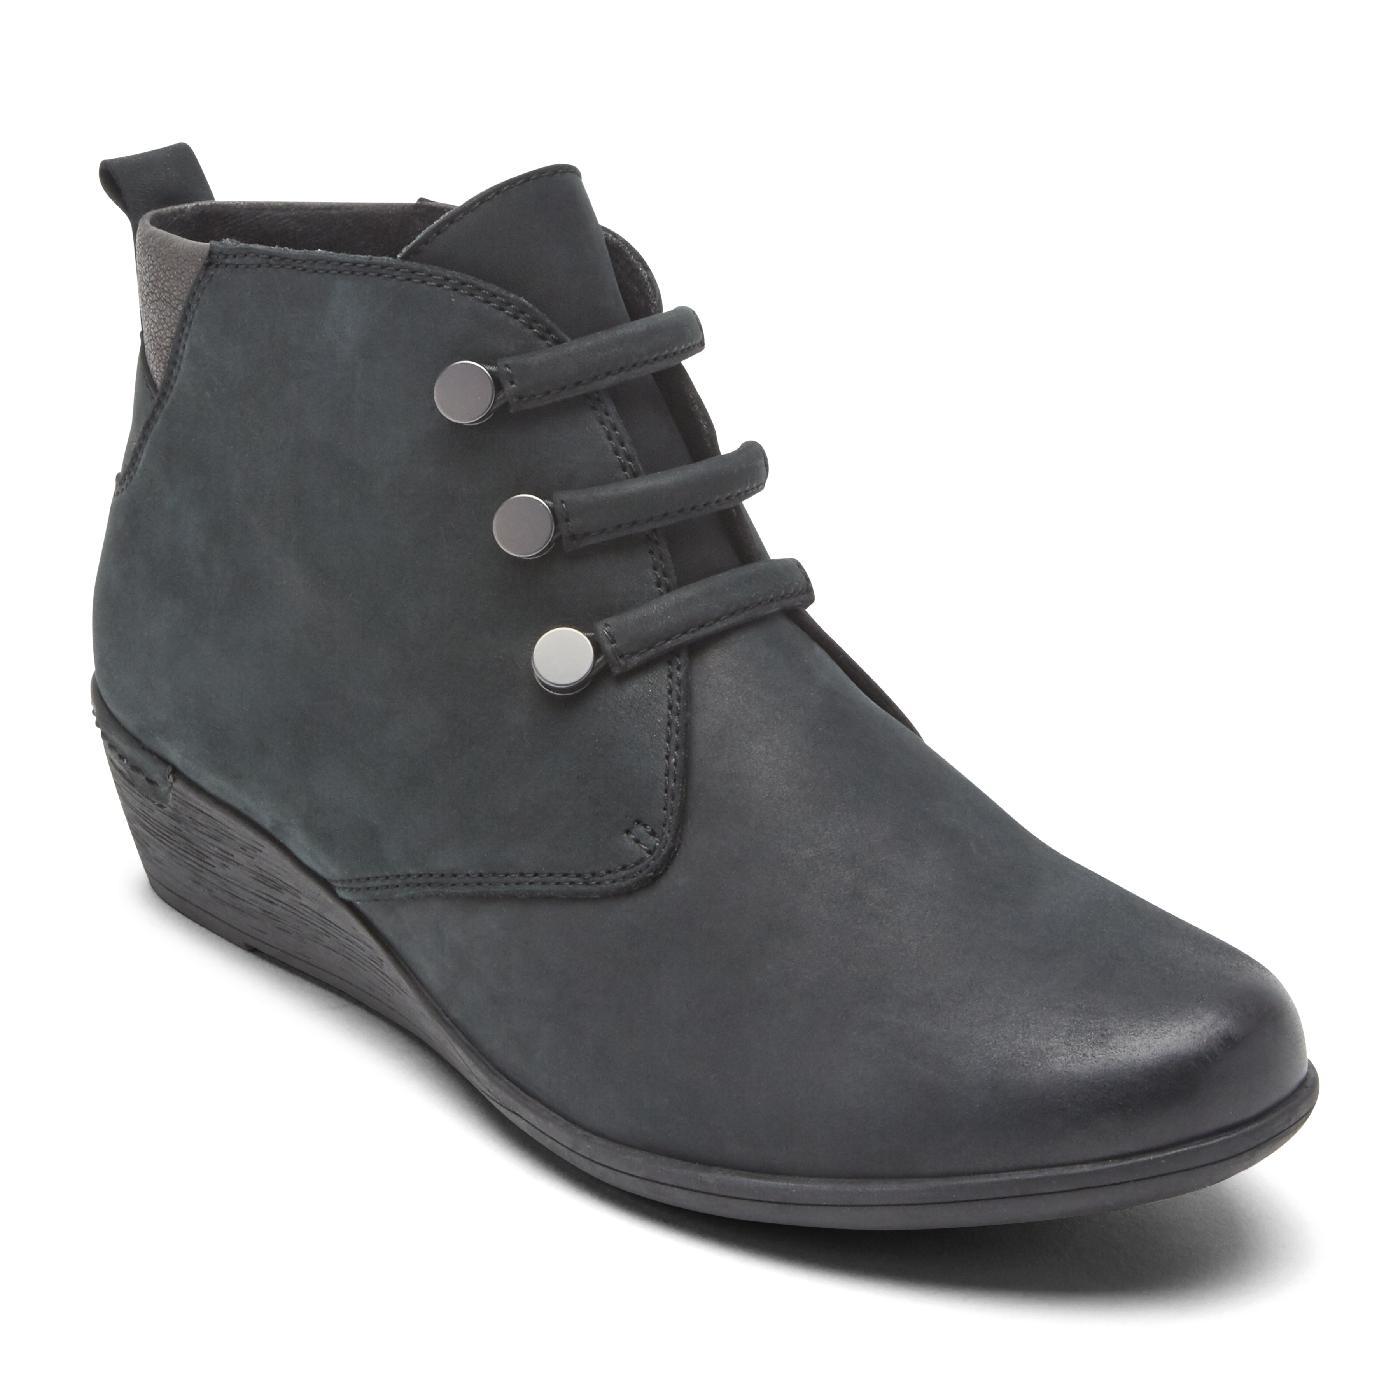 9ad55f420820d Black Women's Cobb Hill Devyn Chukka Boot